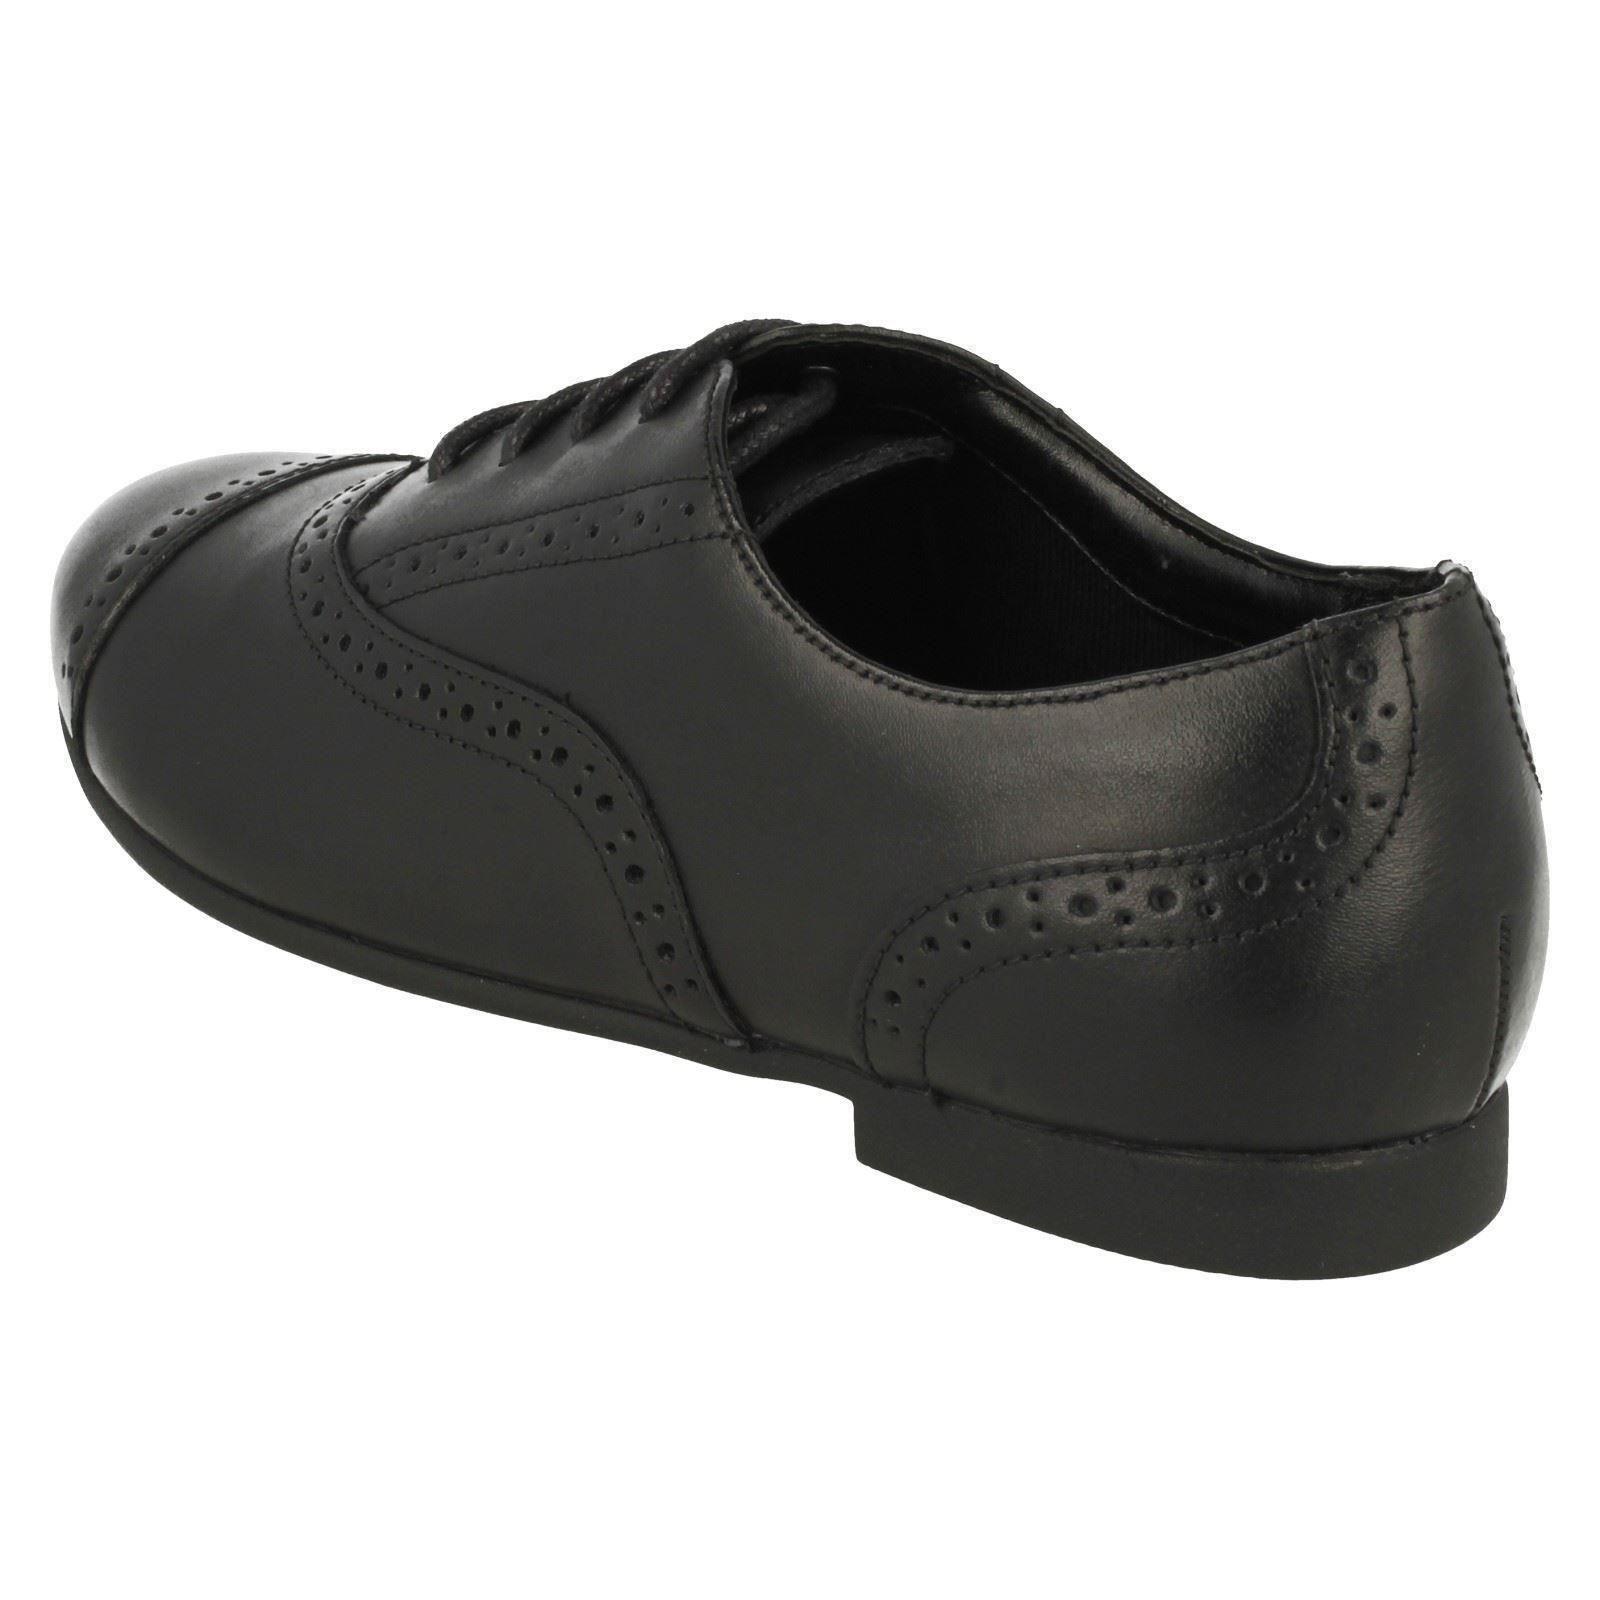 Estilo Zapato Colegio ' De Cool Zapatos Niña Selsey Oxford Clarks pgtnAR